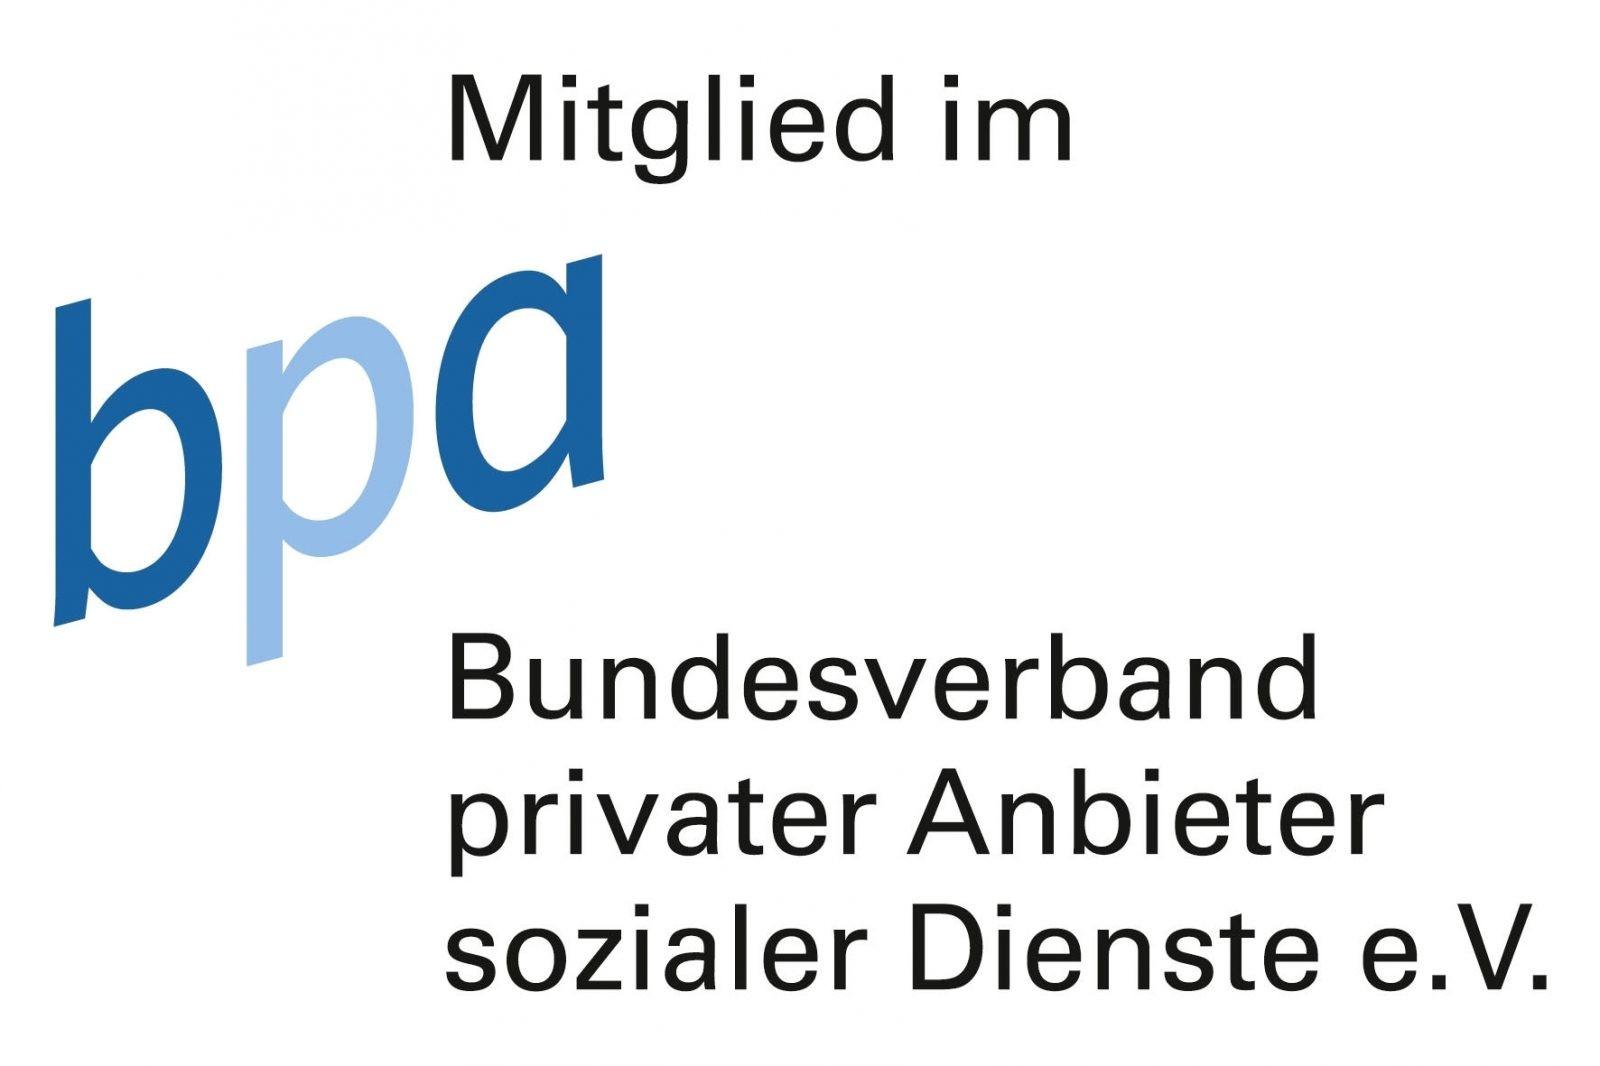 Mitglied im bpa Bundesverband privater Anbieter sozialer Dienste e.V.